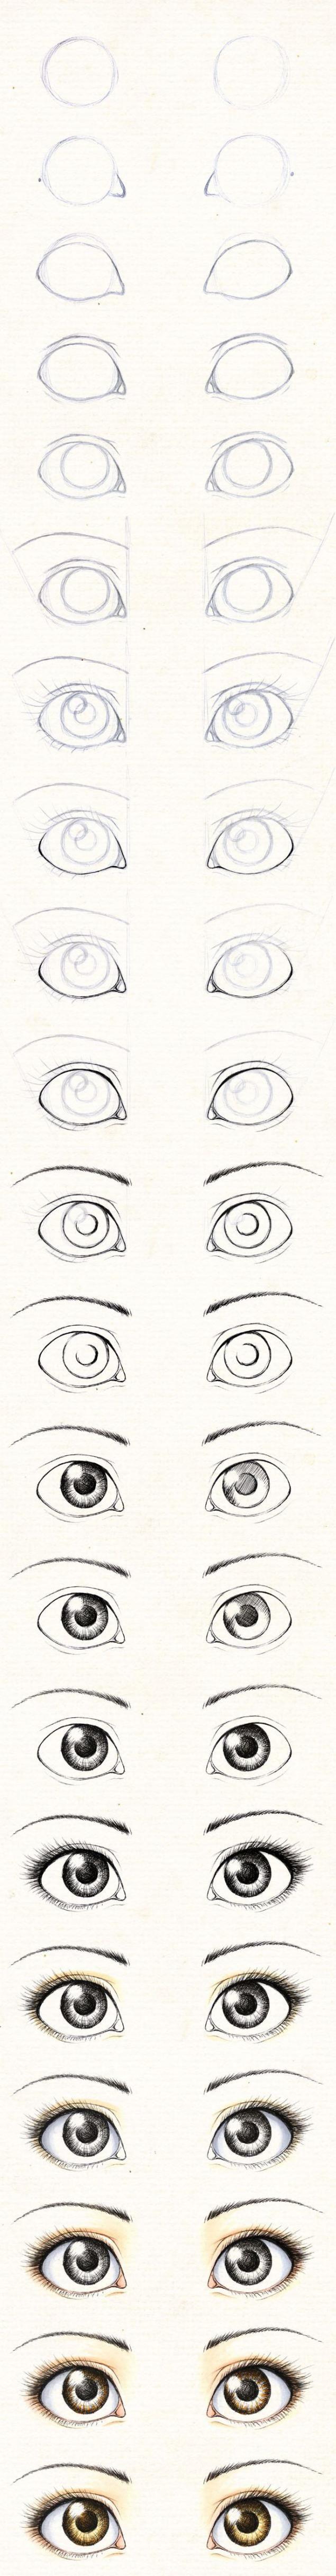 How To Draw Eyes Eyes Art Drawing Diy Craft Diy Ideas Diy Craft Projects